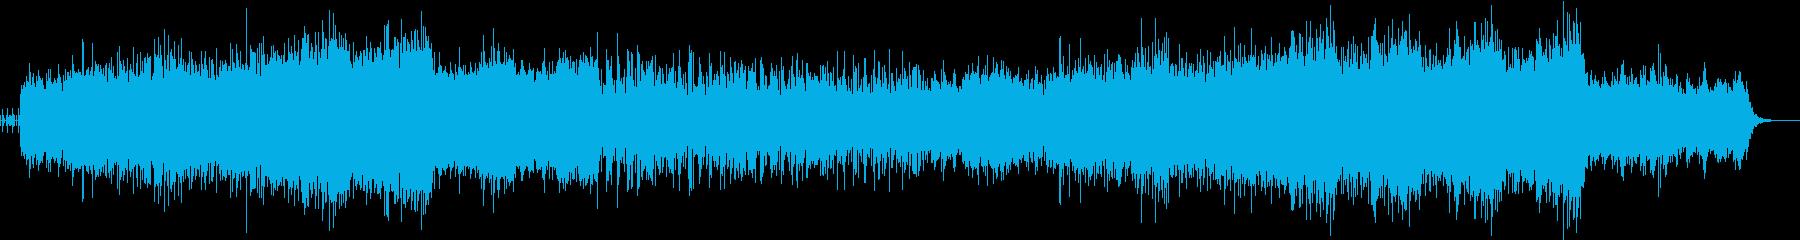 スピーディで高揚感のあるテクノロック音楽の再生済みの波形